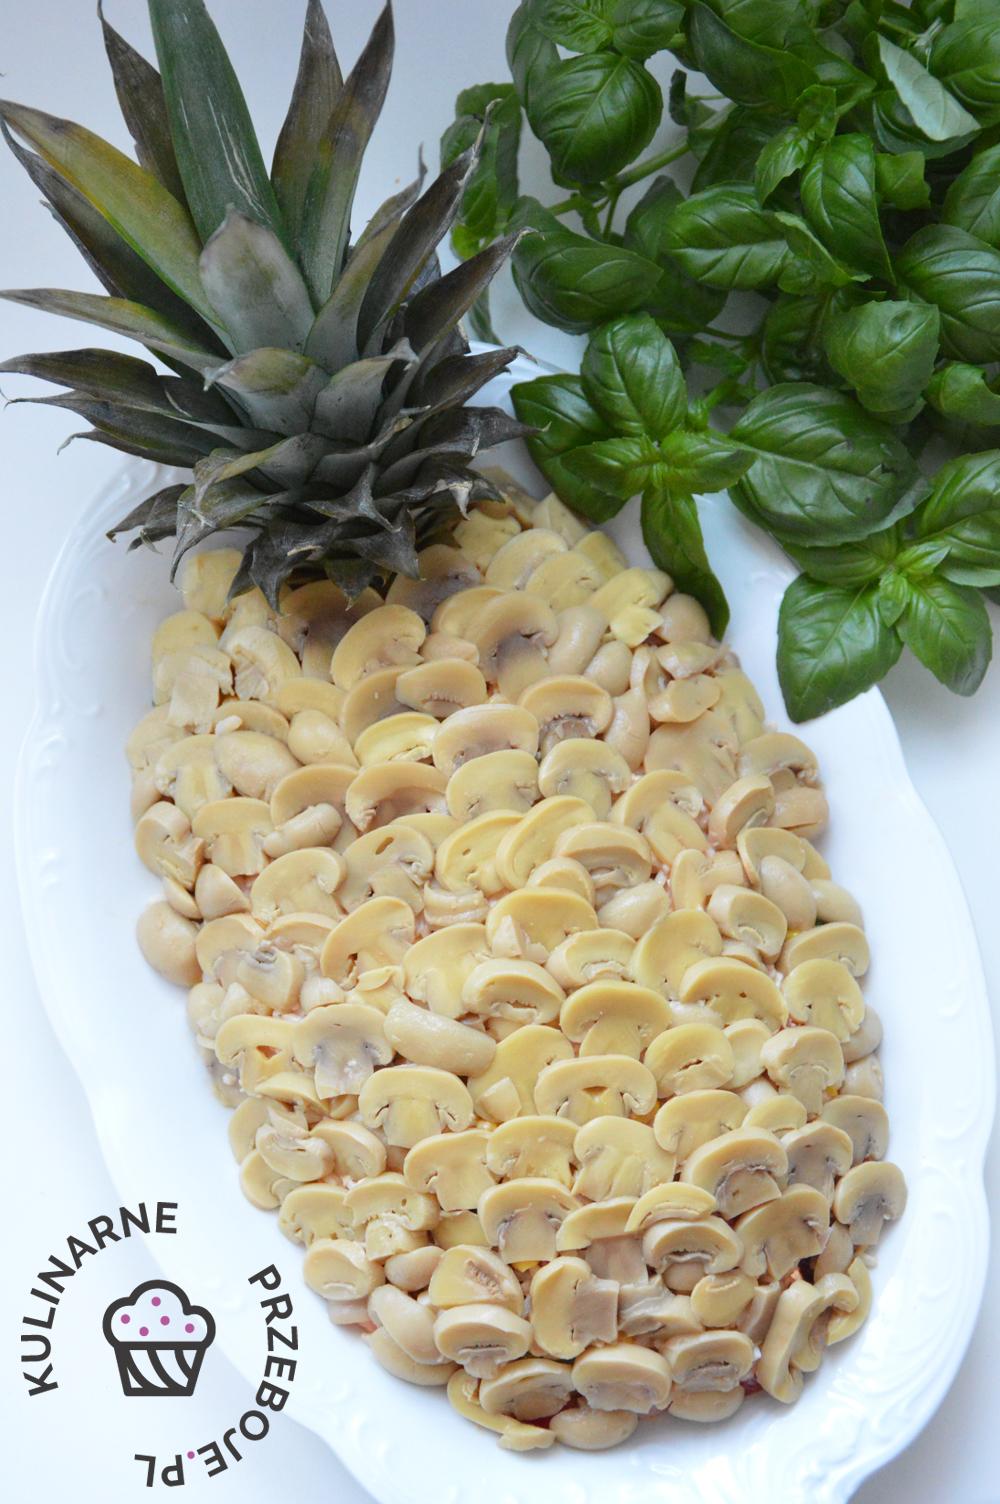 Sałatka z szynką, kukurydzą i pieczarkami stylizowana na ananasa